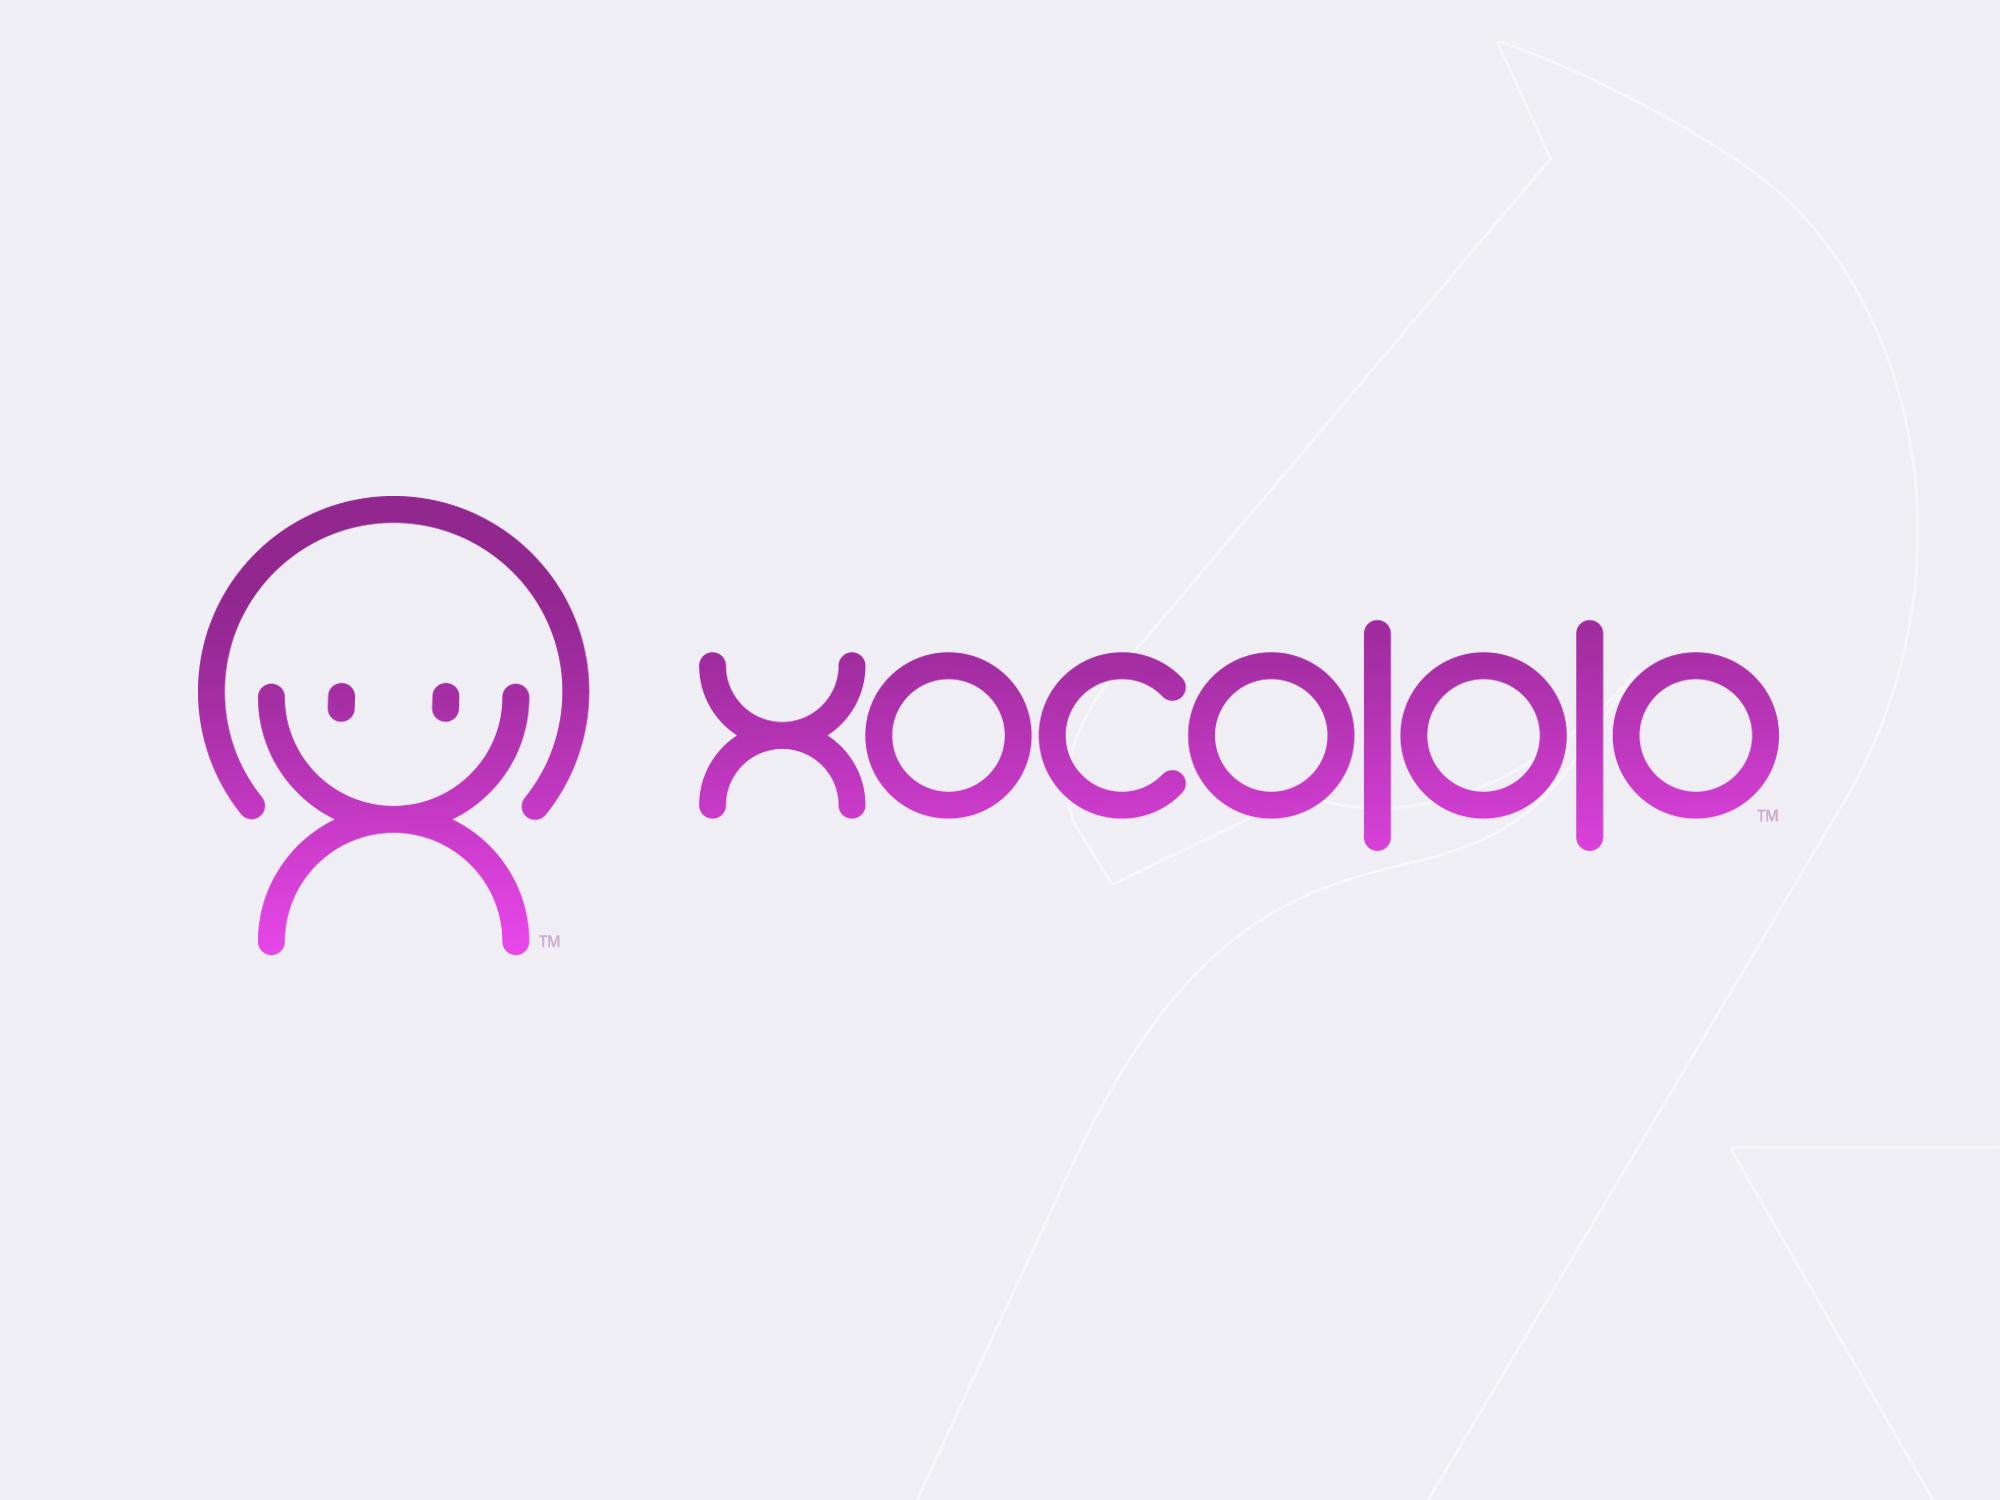 Xocololo logo design by Hakubashi